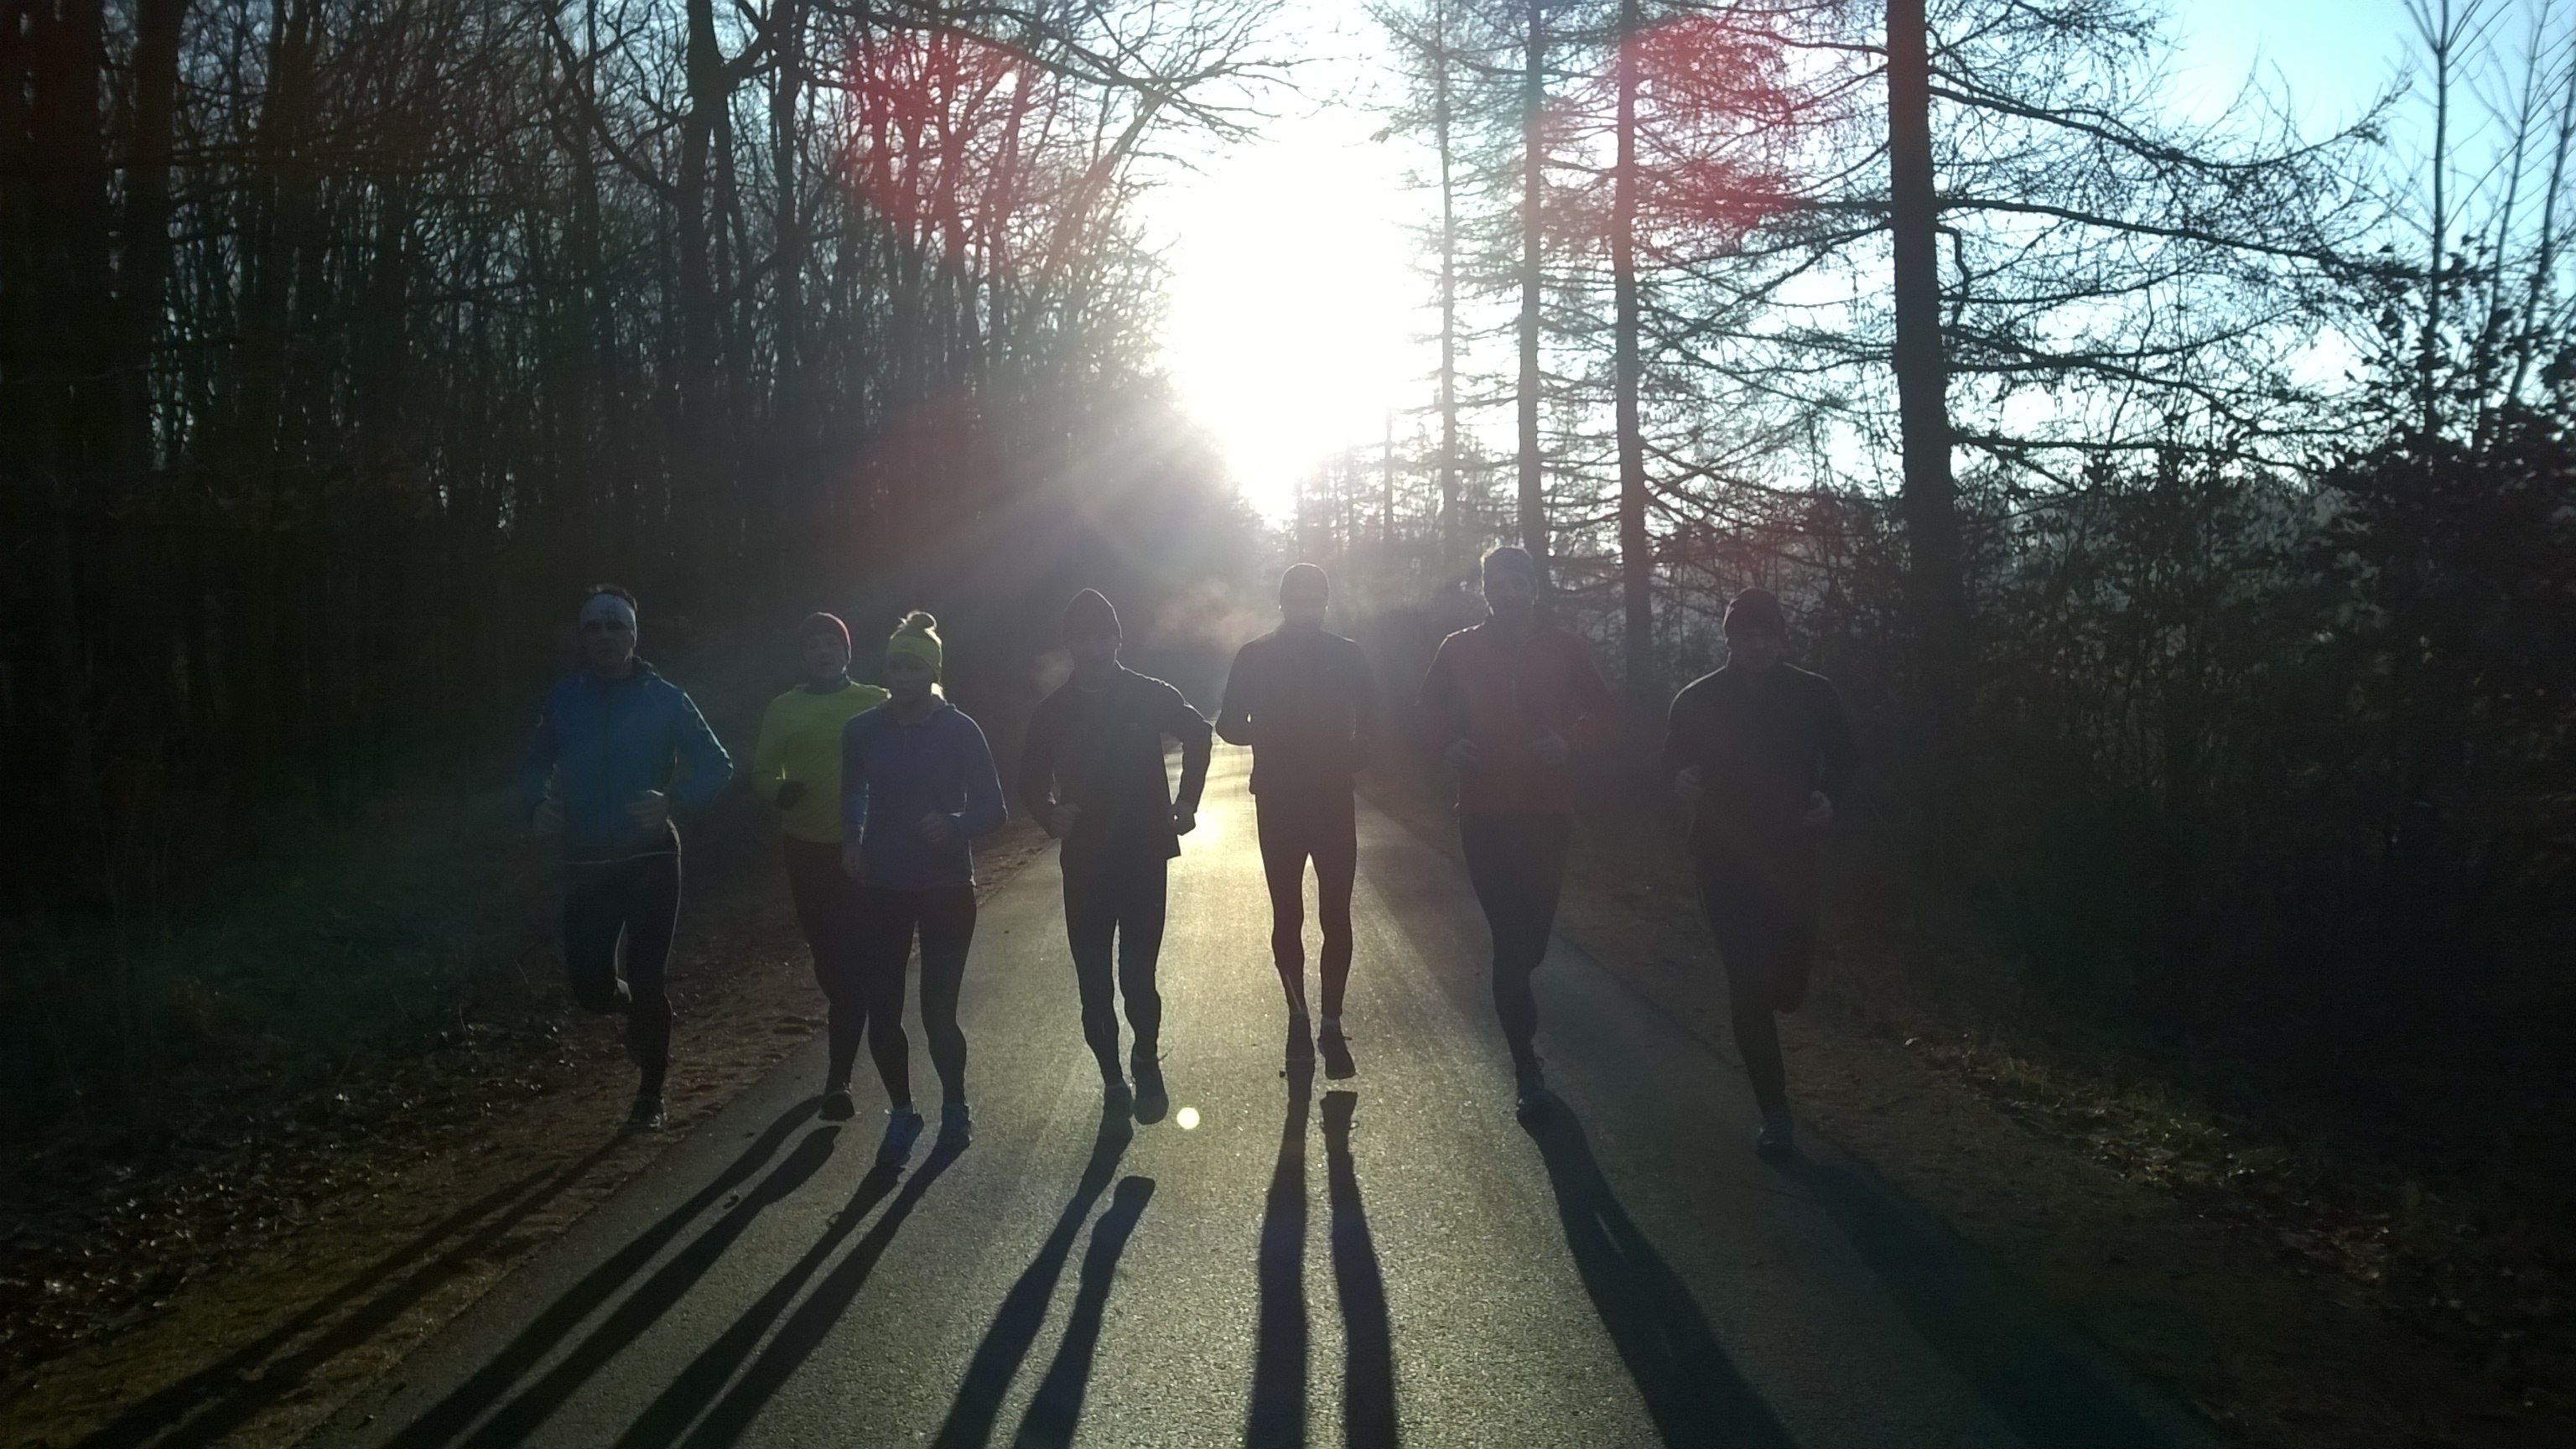 nasz grupa czasami liczy 3 os, innym razem 12. Pojawiają się zawodowi maratończycy, olimpijczycy, mistrzowie świata ... i jak poczuć moc, w takim towarzystwie ?